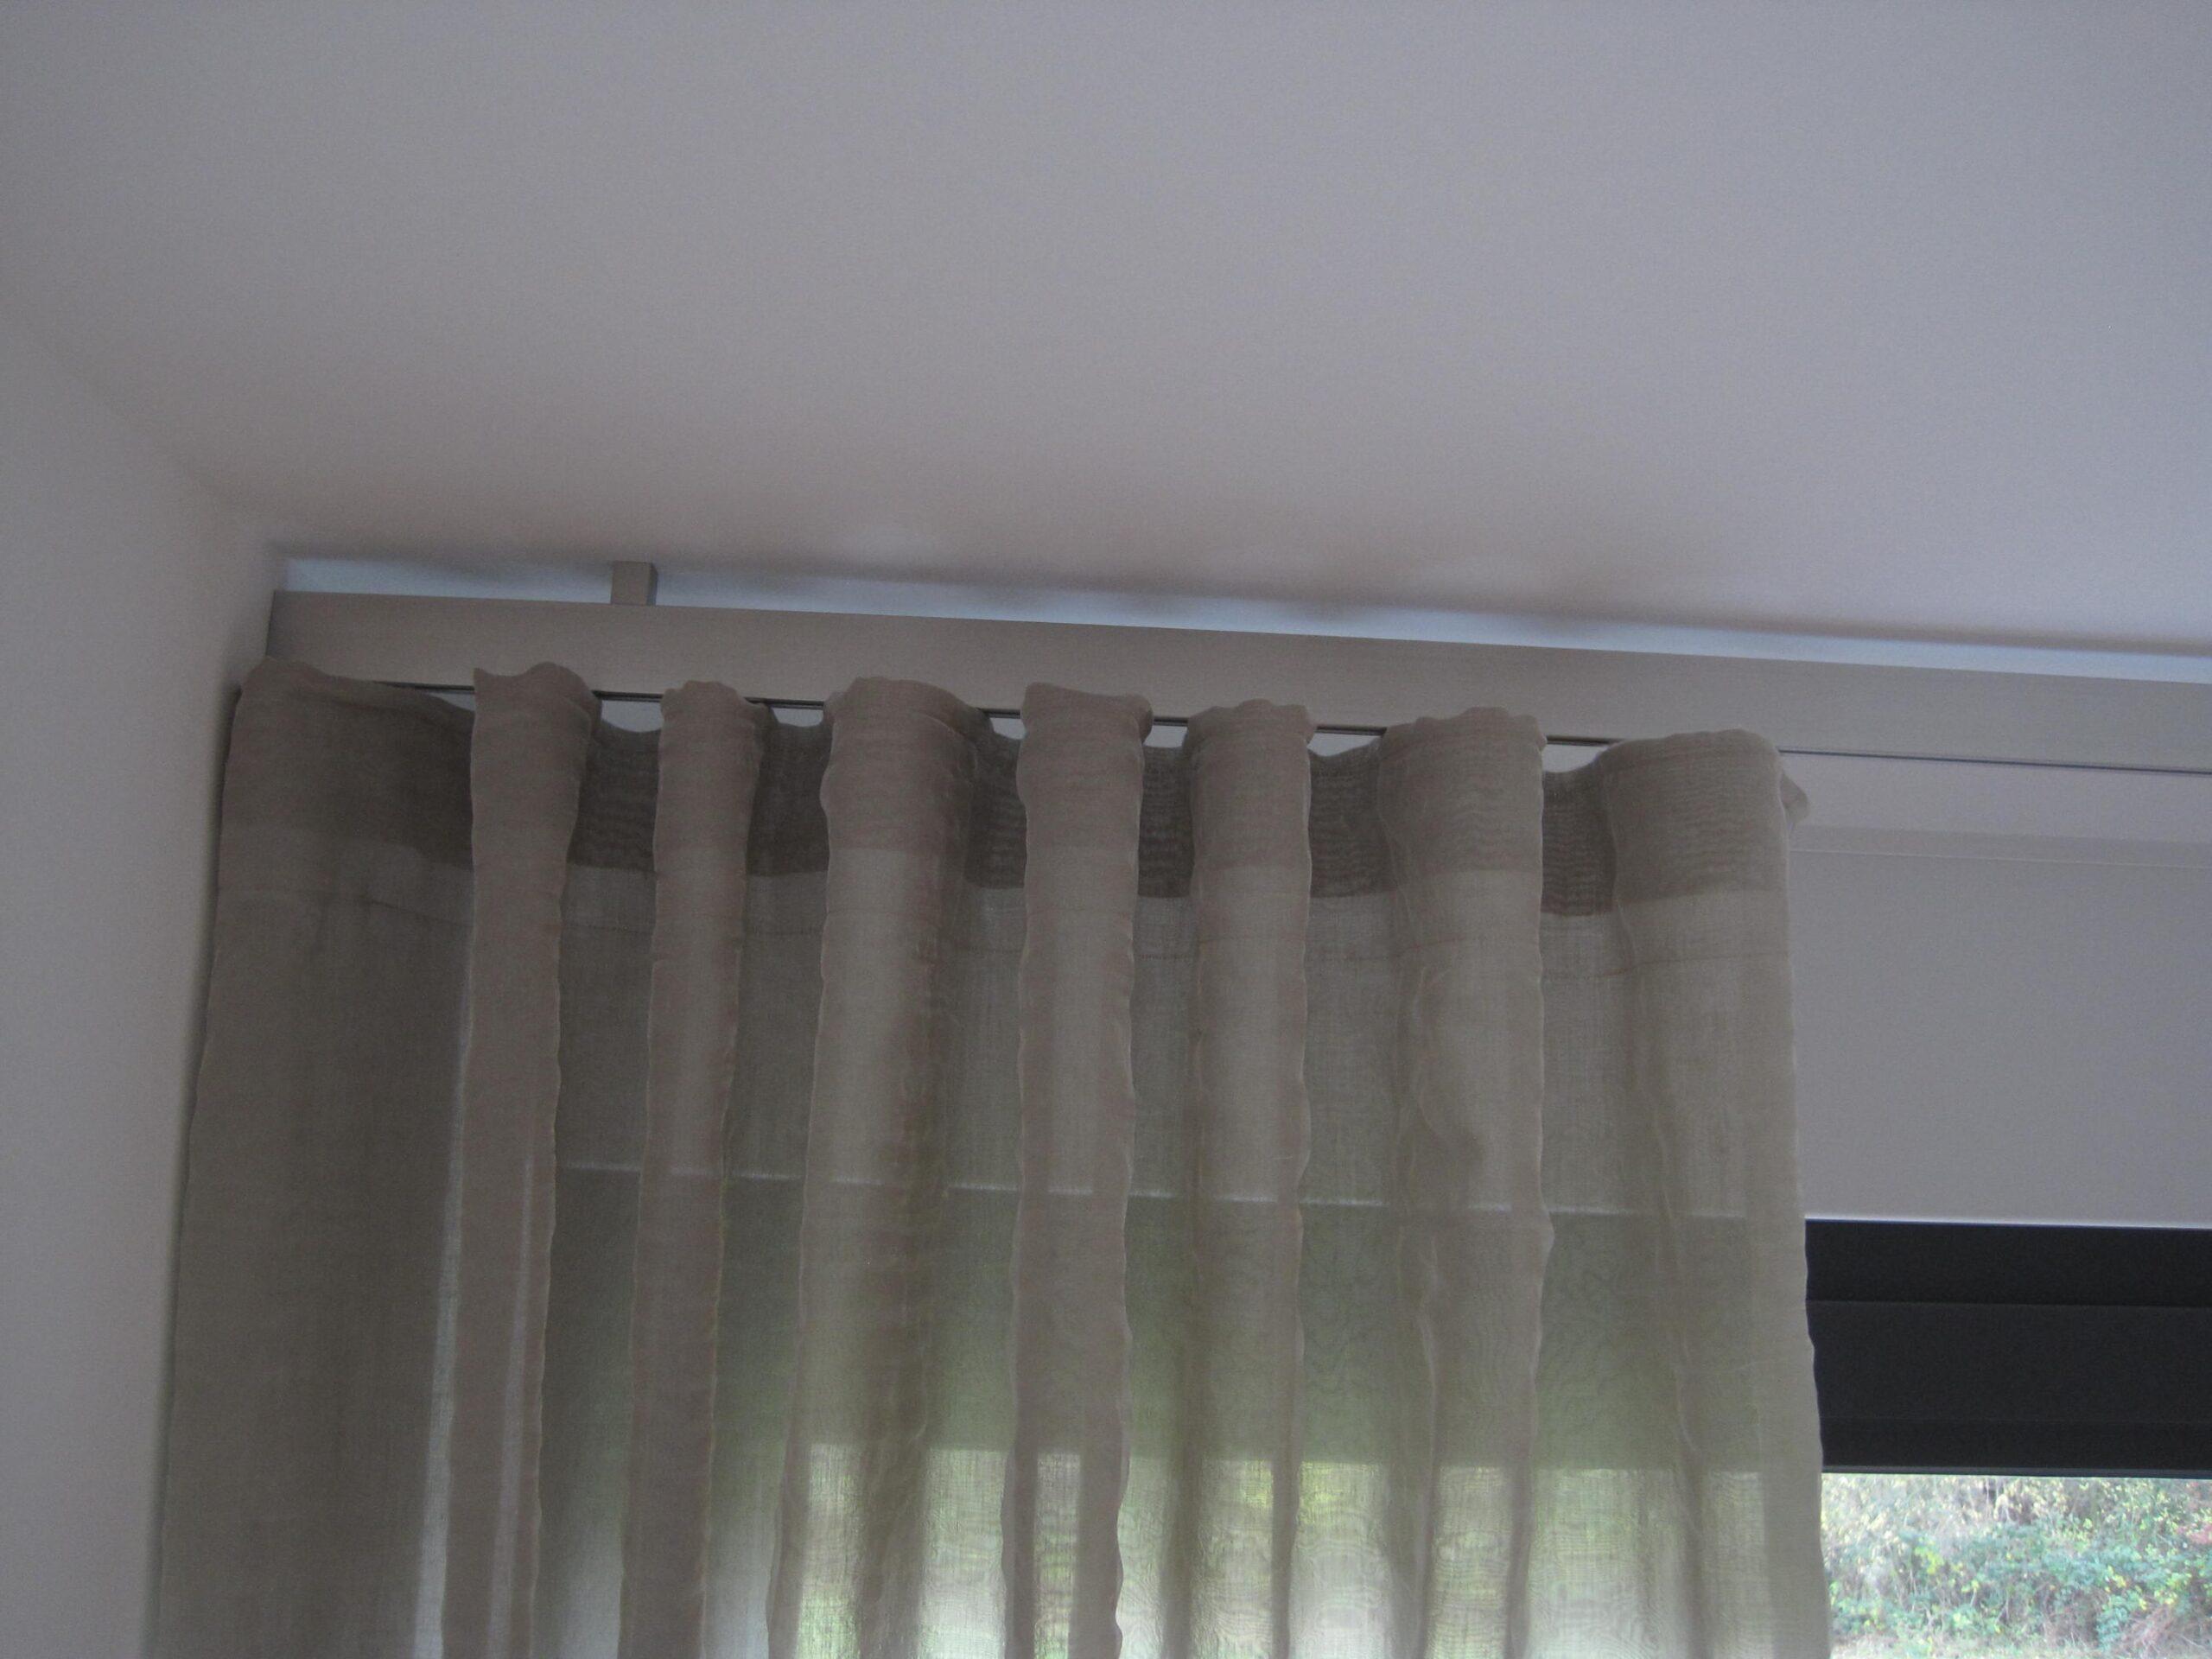 Full Size of Vorhnge Schiene Mas Kche 3 Shabby Chic Zimmer Küche Vorhänge Schlafzimmer Wohnzimmer Wohnzimmer Vorhänge Schiene